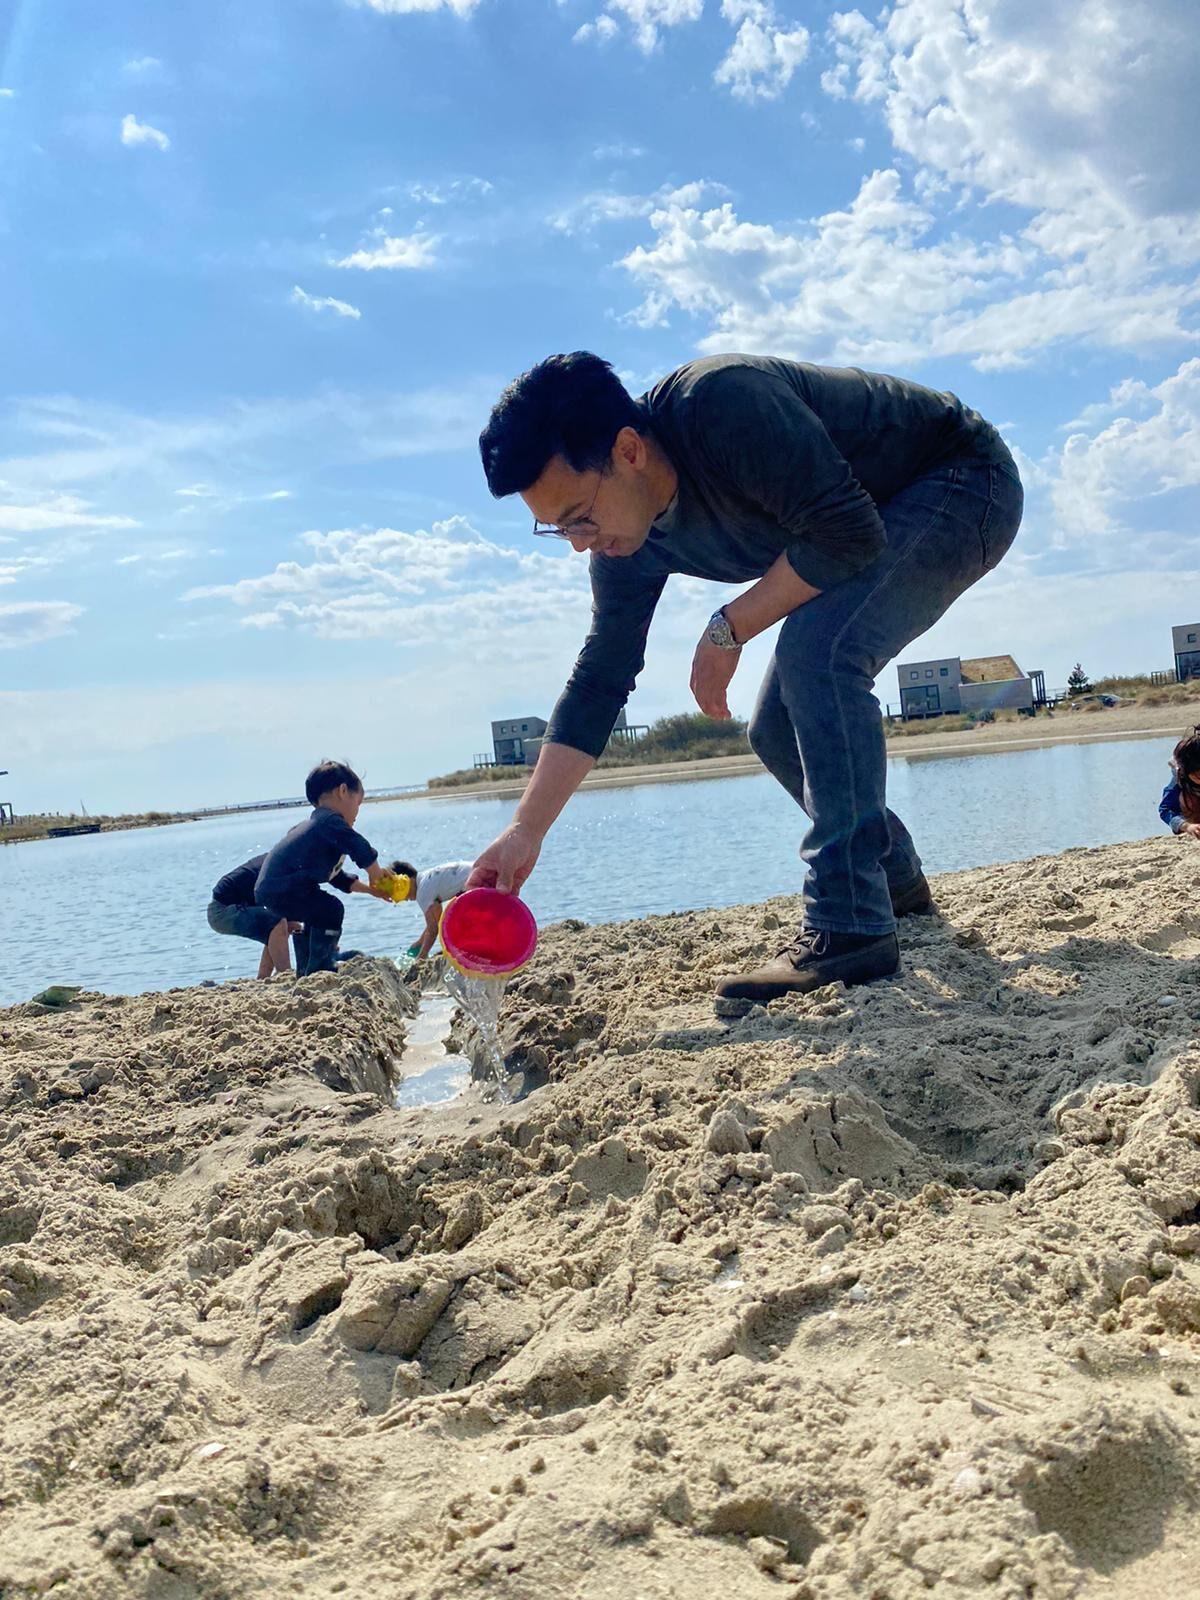 Man spelend met het zand